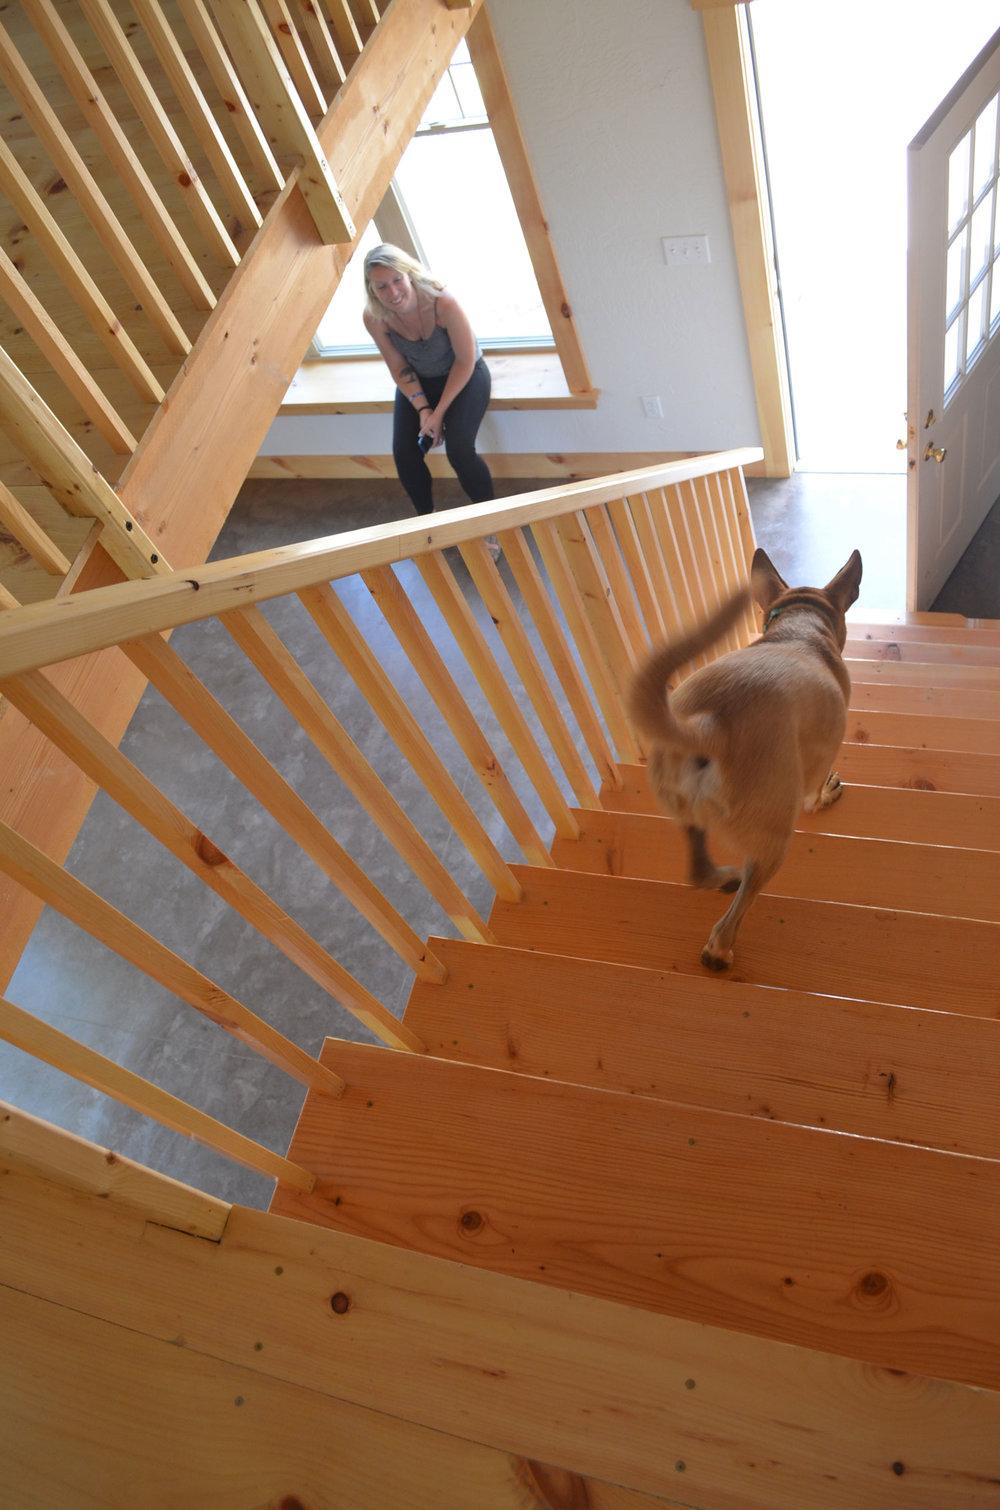 la-bourgade-on-seneca-stairs.jpg